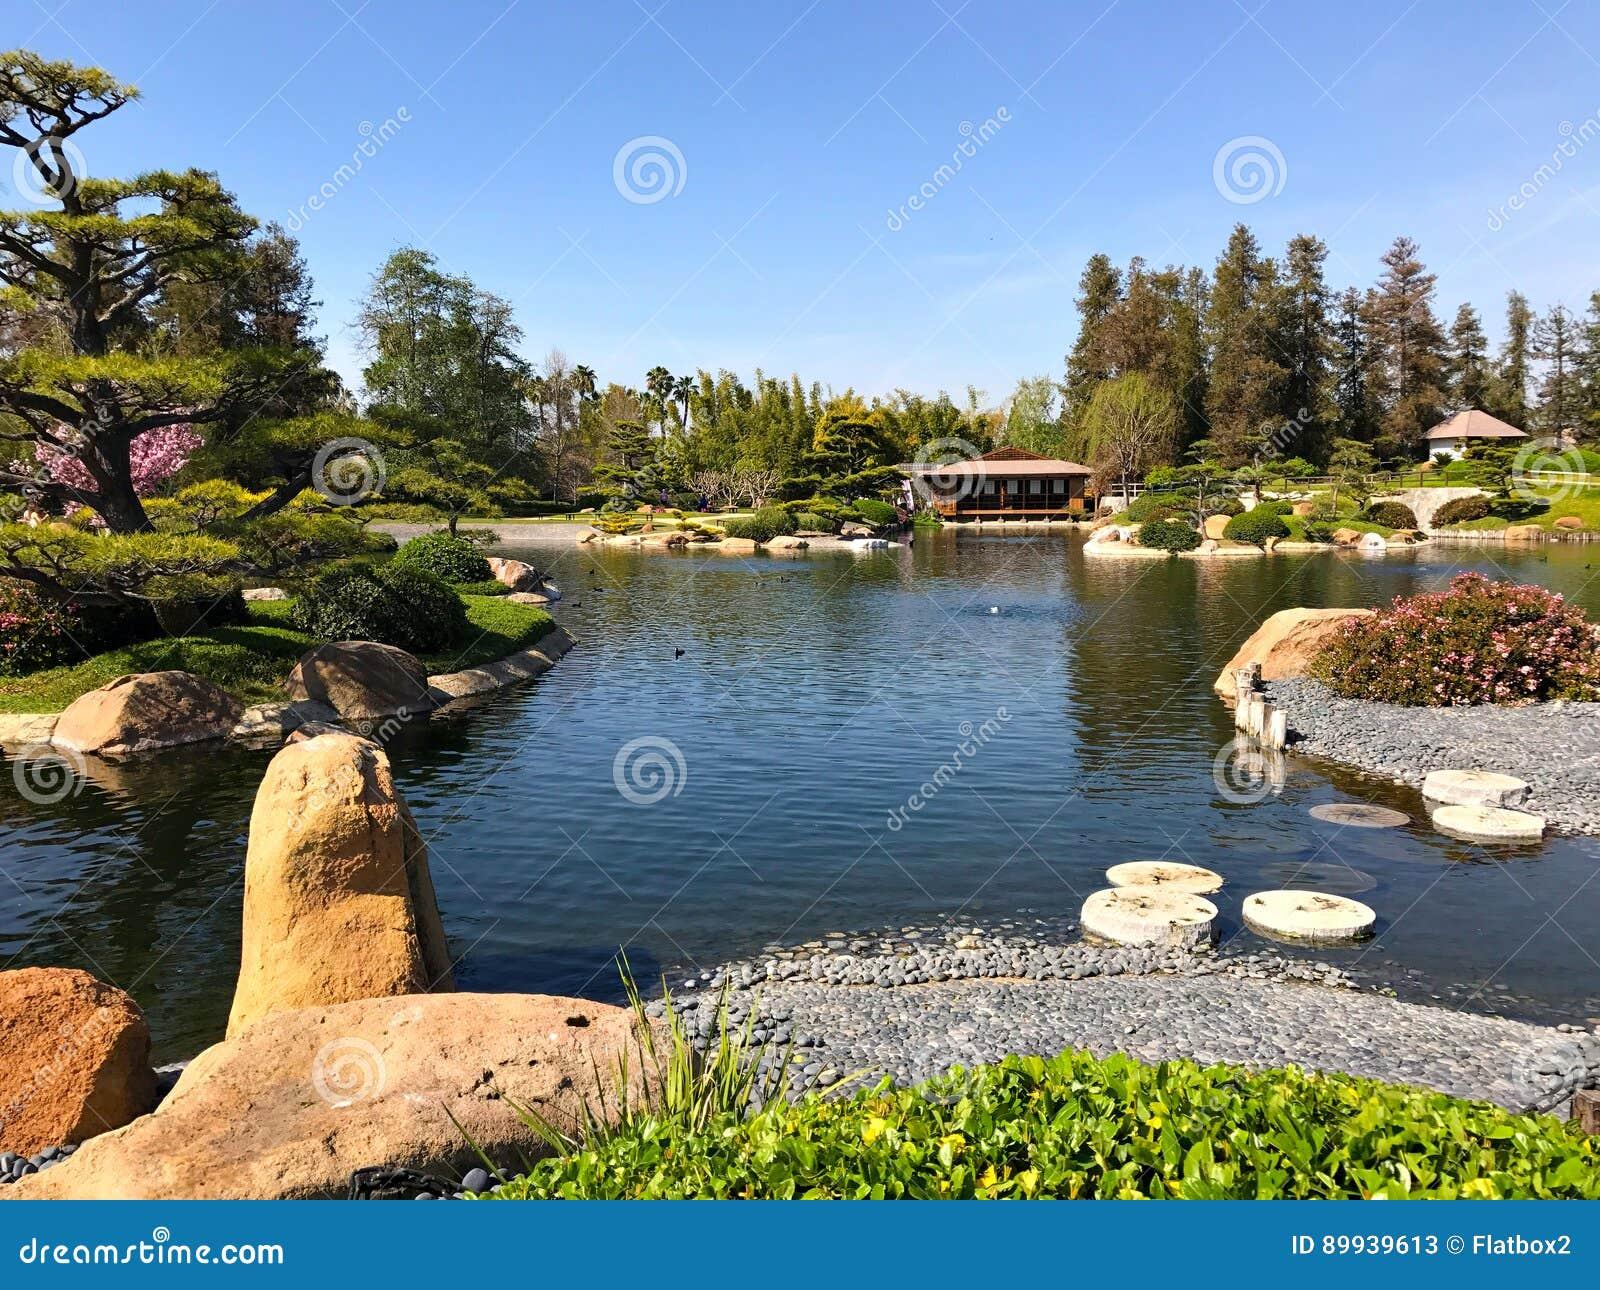 Schöne Blumen Und Bäume Im Japanischen Garten Stockbild - Bild von ...